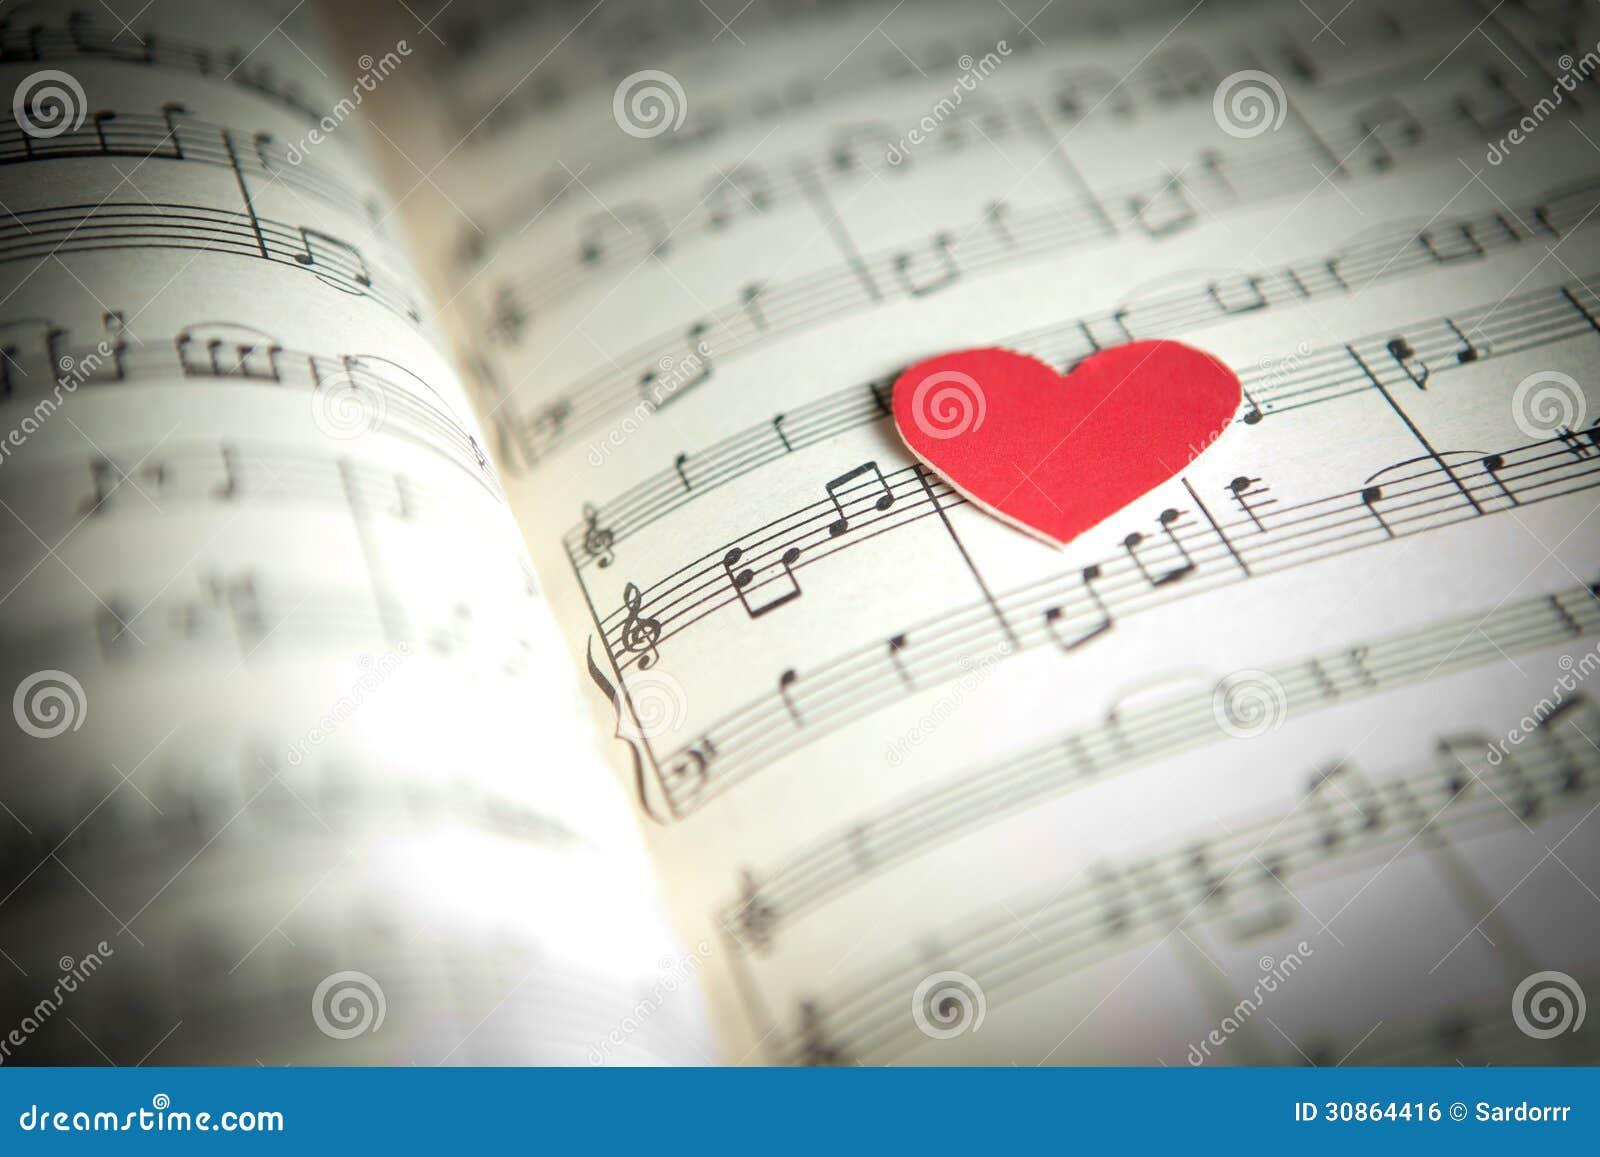 Αγάπη για τη μουσική